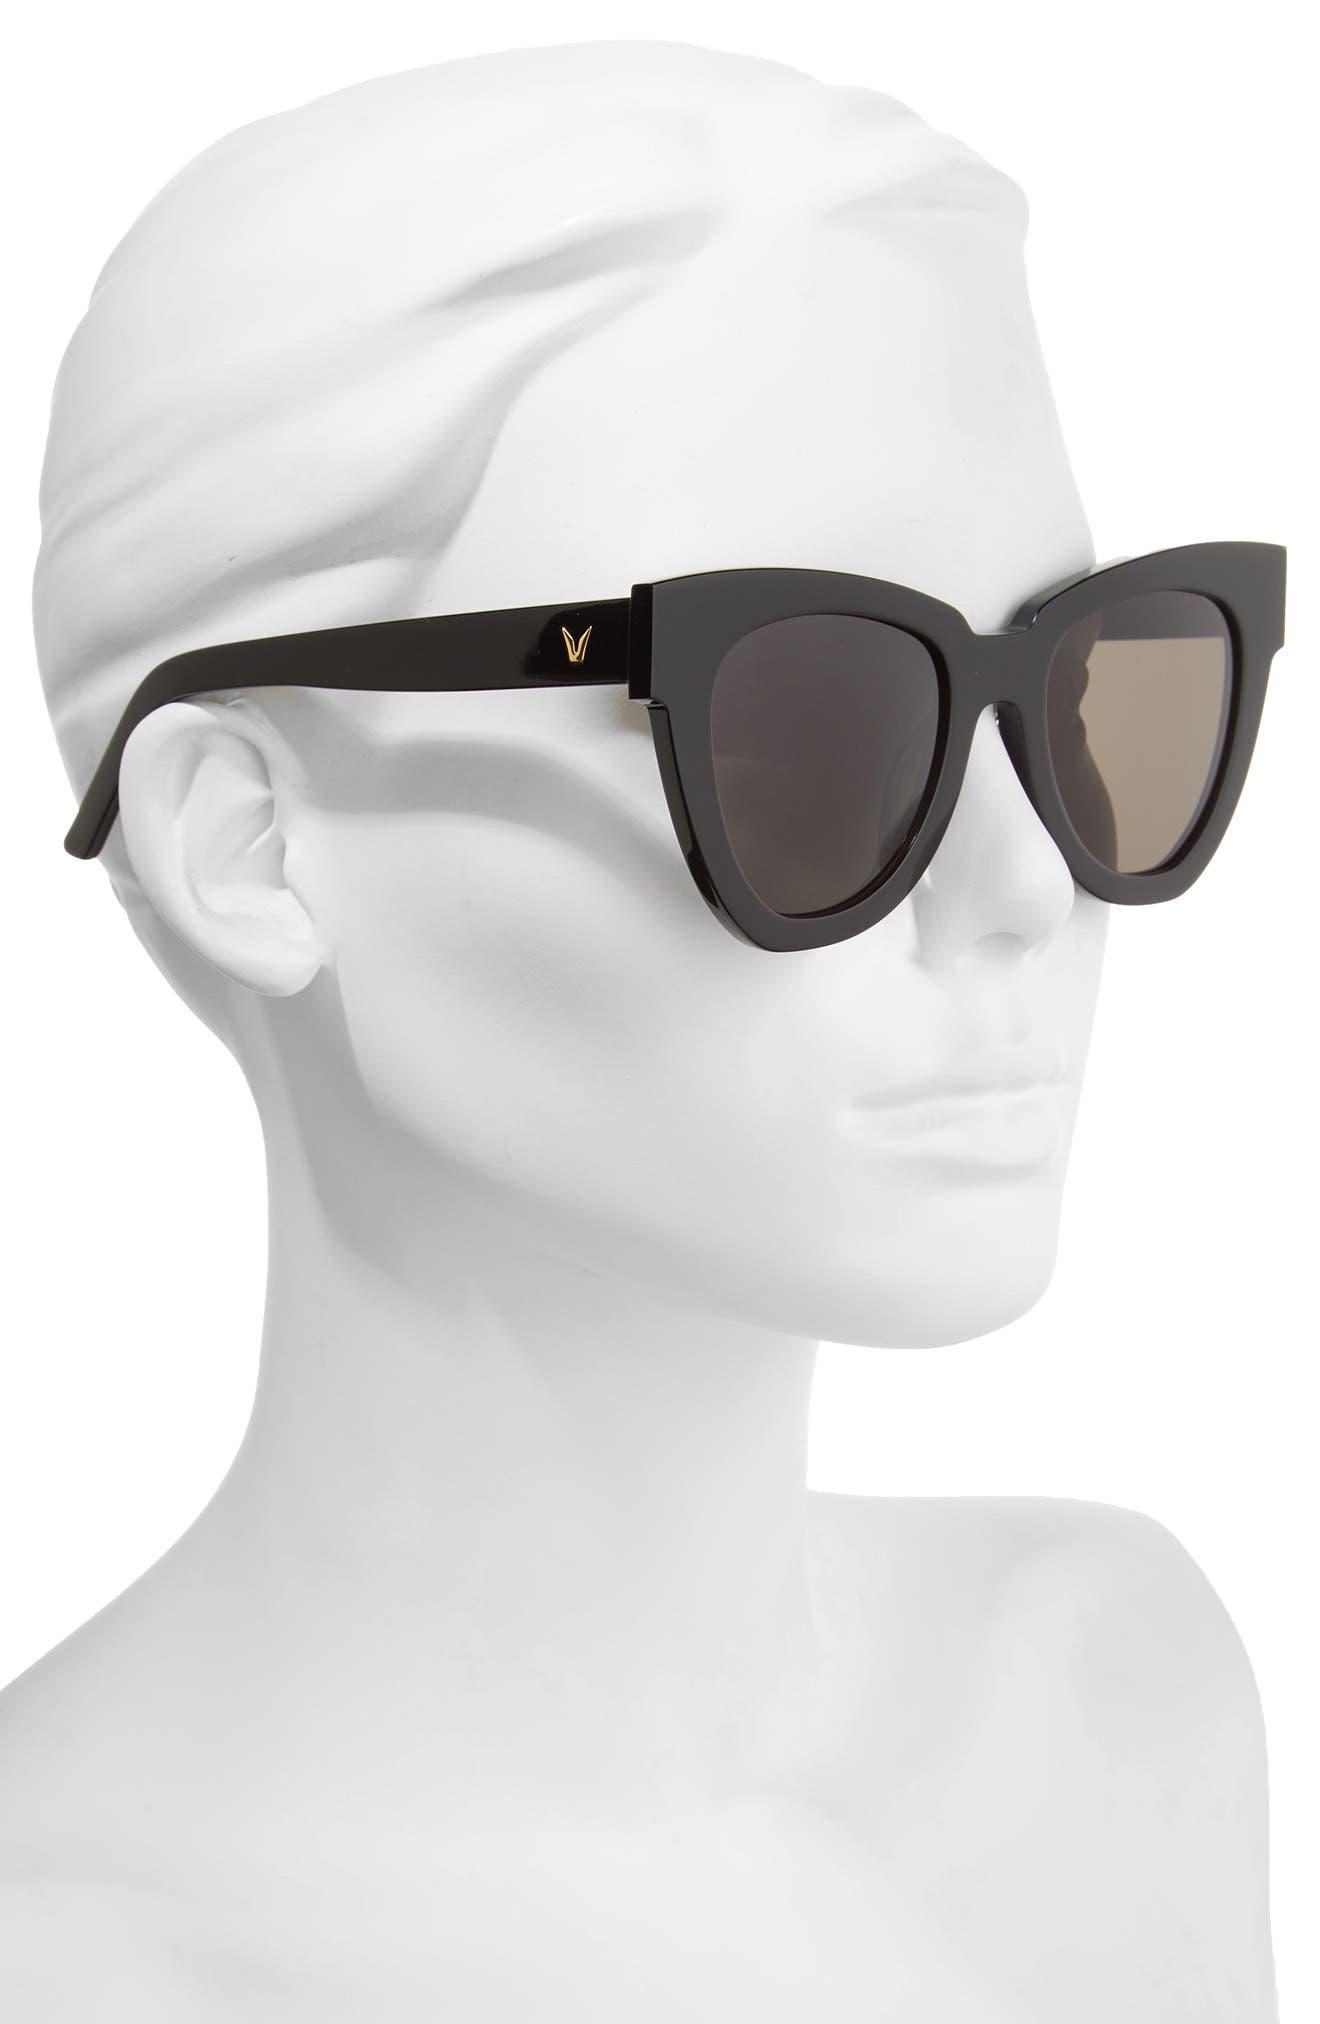 Laser 51mm Cat Eye Sunglasses,                             Alternate thumbnail 2, color,                             001